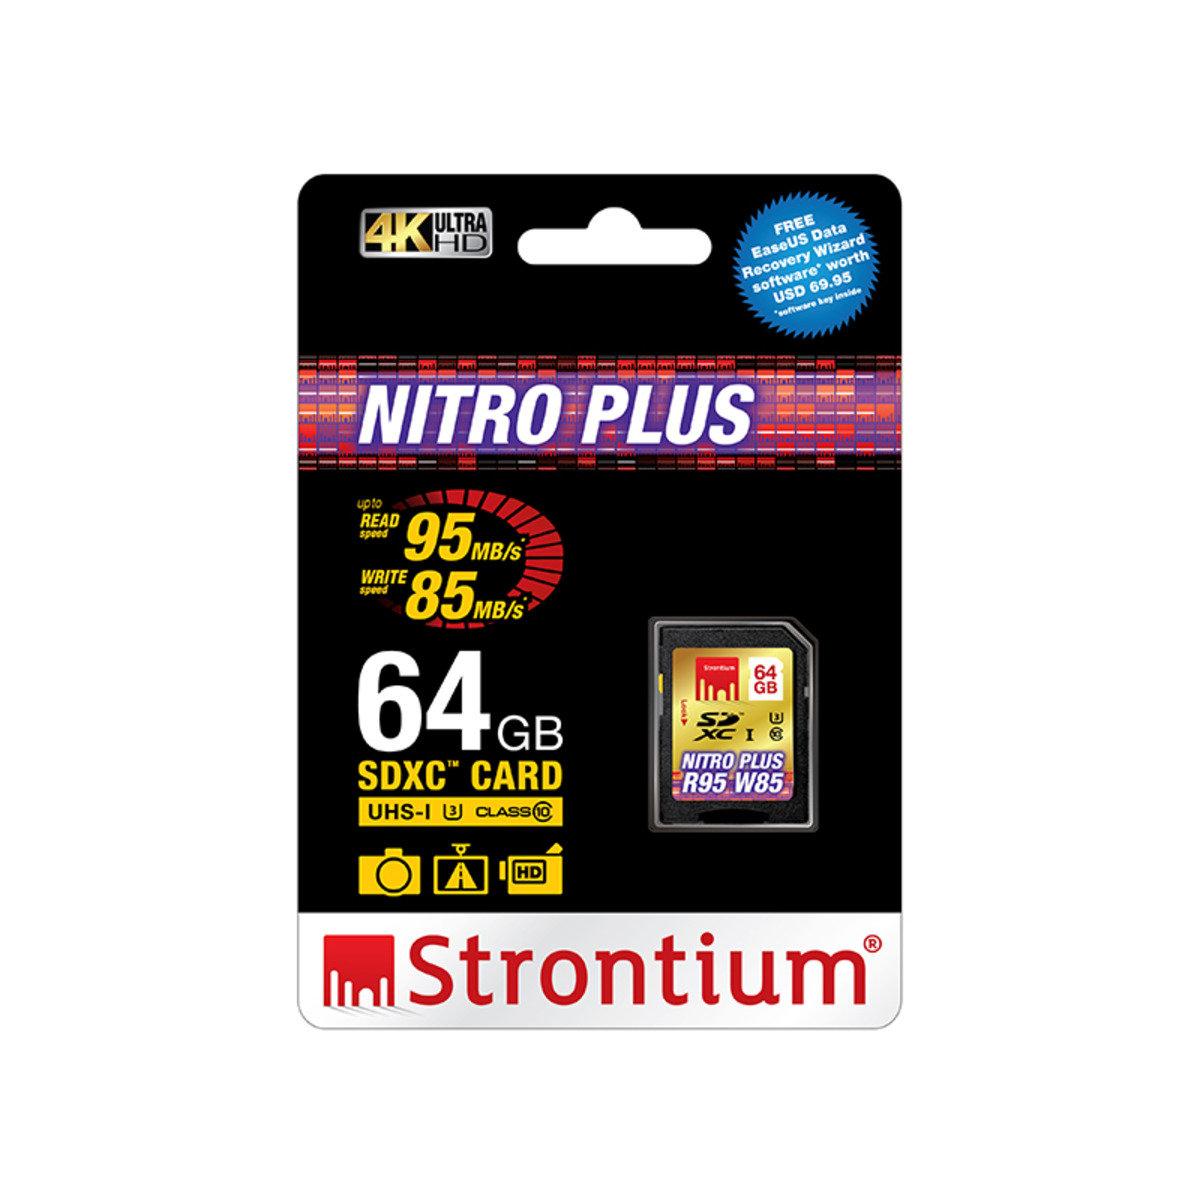 NITRO PLUS 64GB UHS-1 (U3) Class 10 SD SDXC 超高速4K專用記憶卡